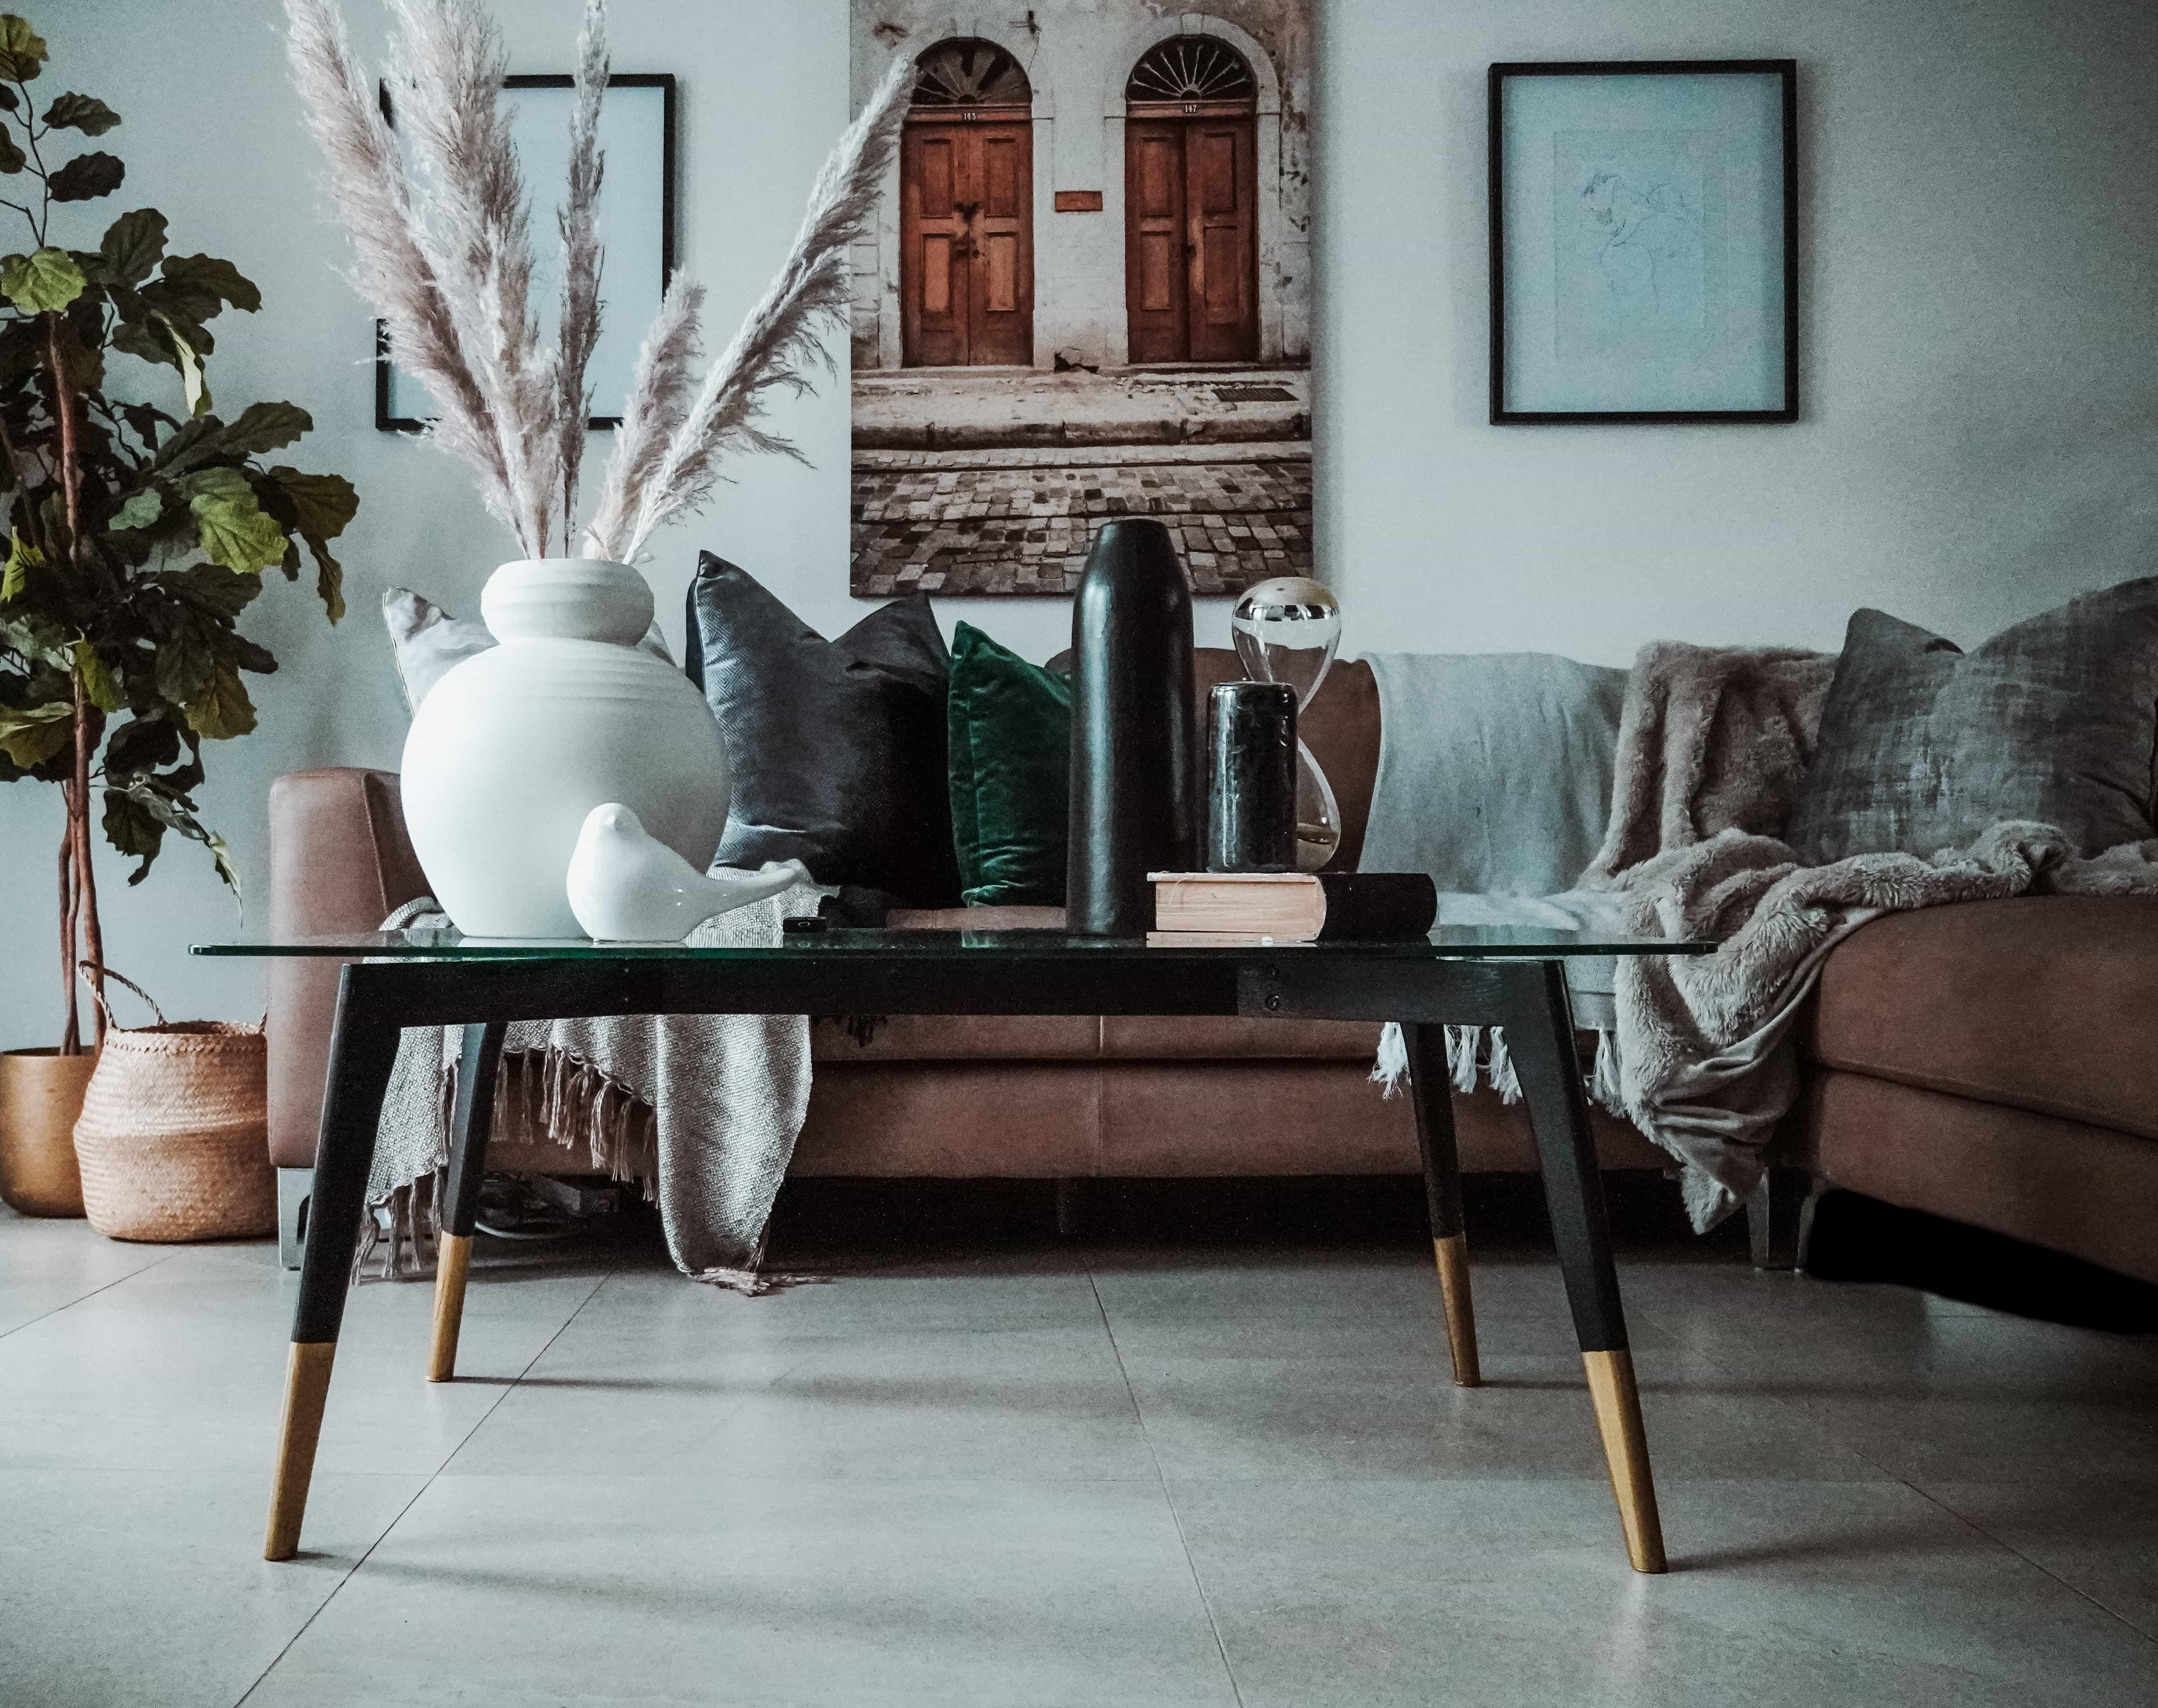 Ett vardagsrum med fin inredning och plädar.